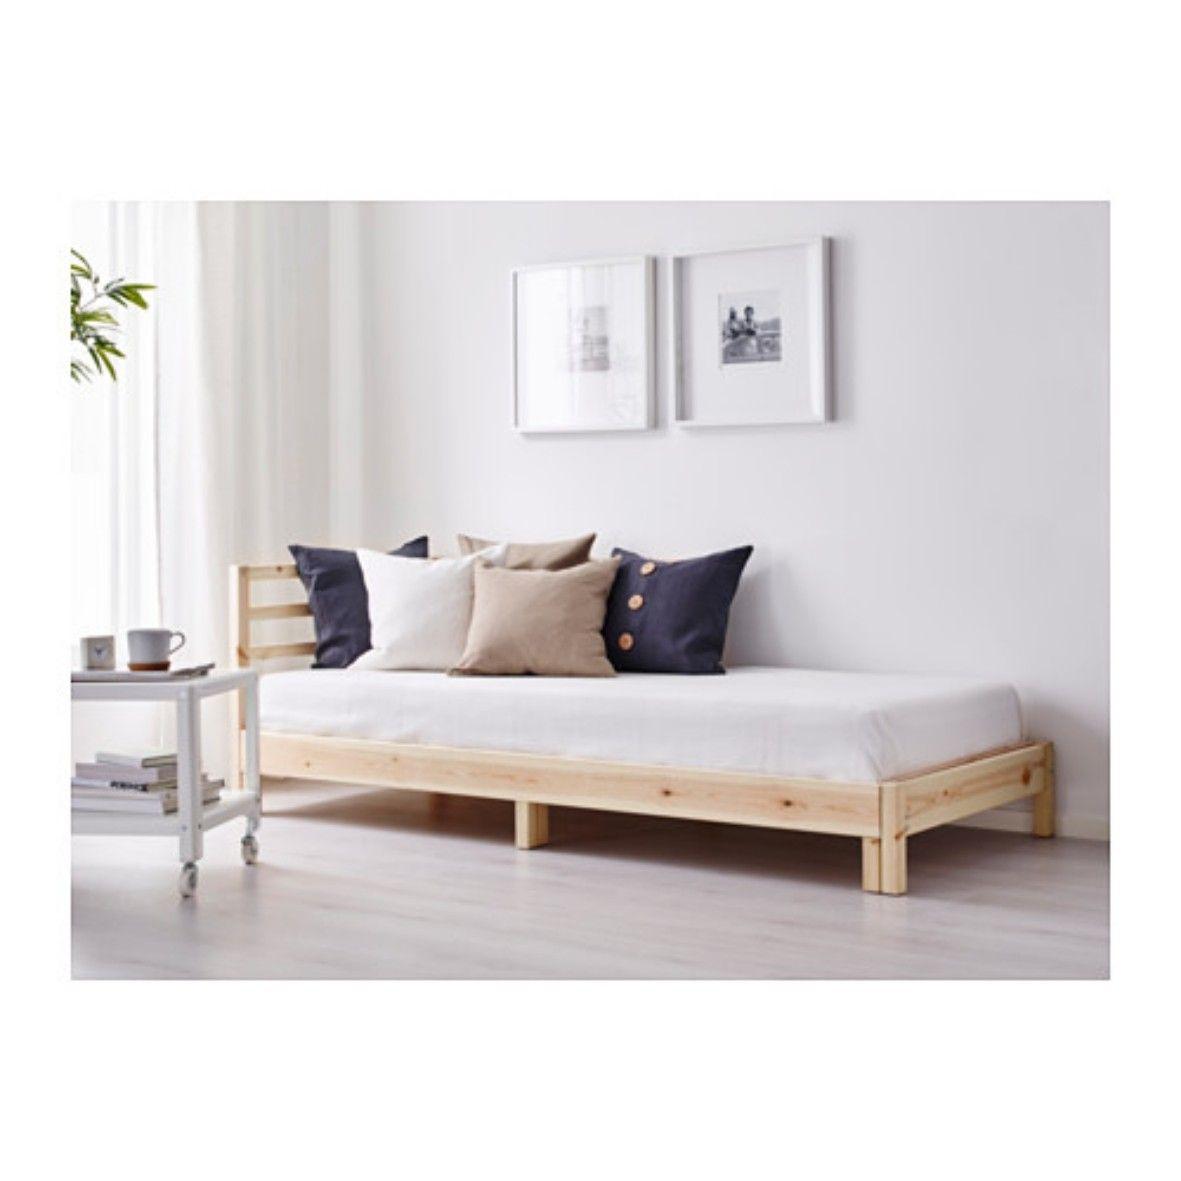 Ikea Tarva Bett Schlafsofa 149 Eur Holz Haus Wohnen Wohnung